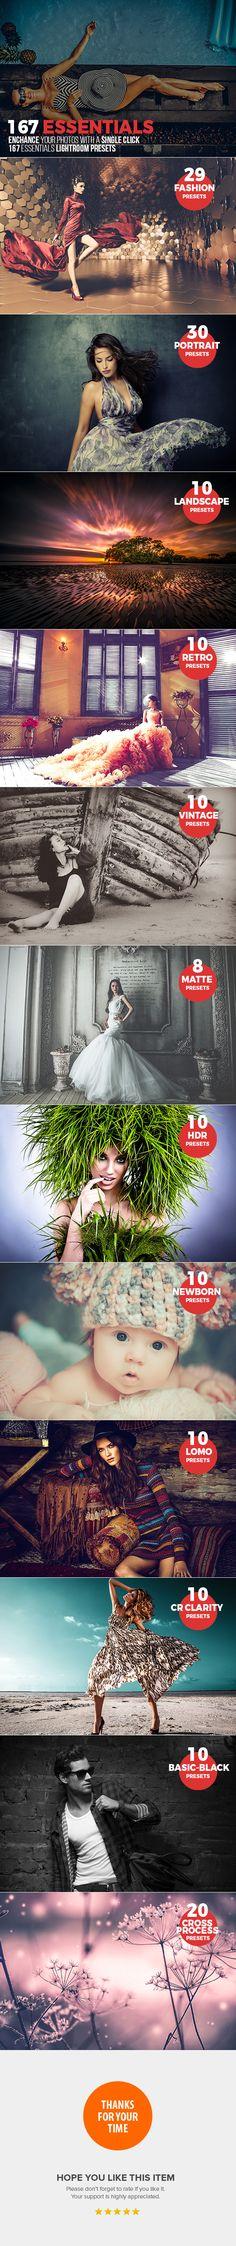 167 Essential Lightroom Presets - Lightroom Presets Add-ons